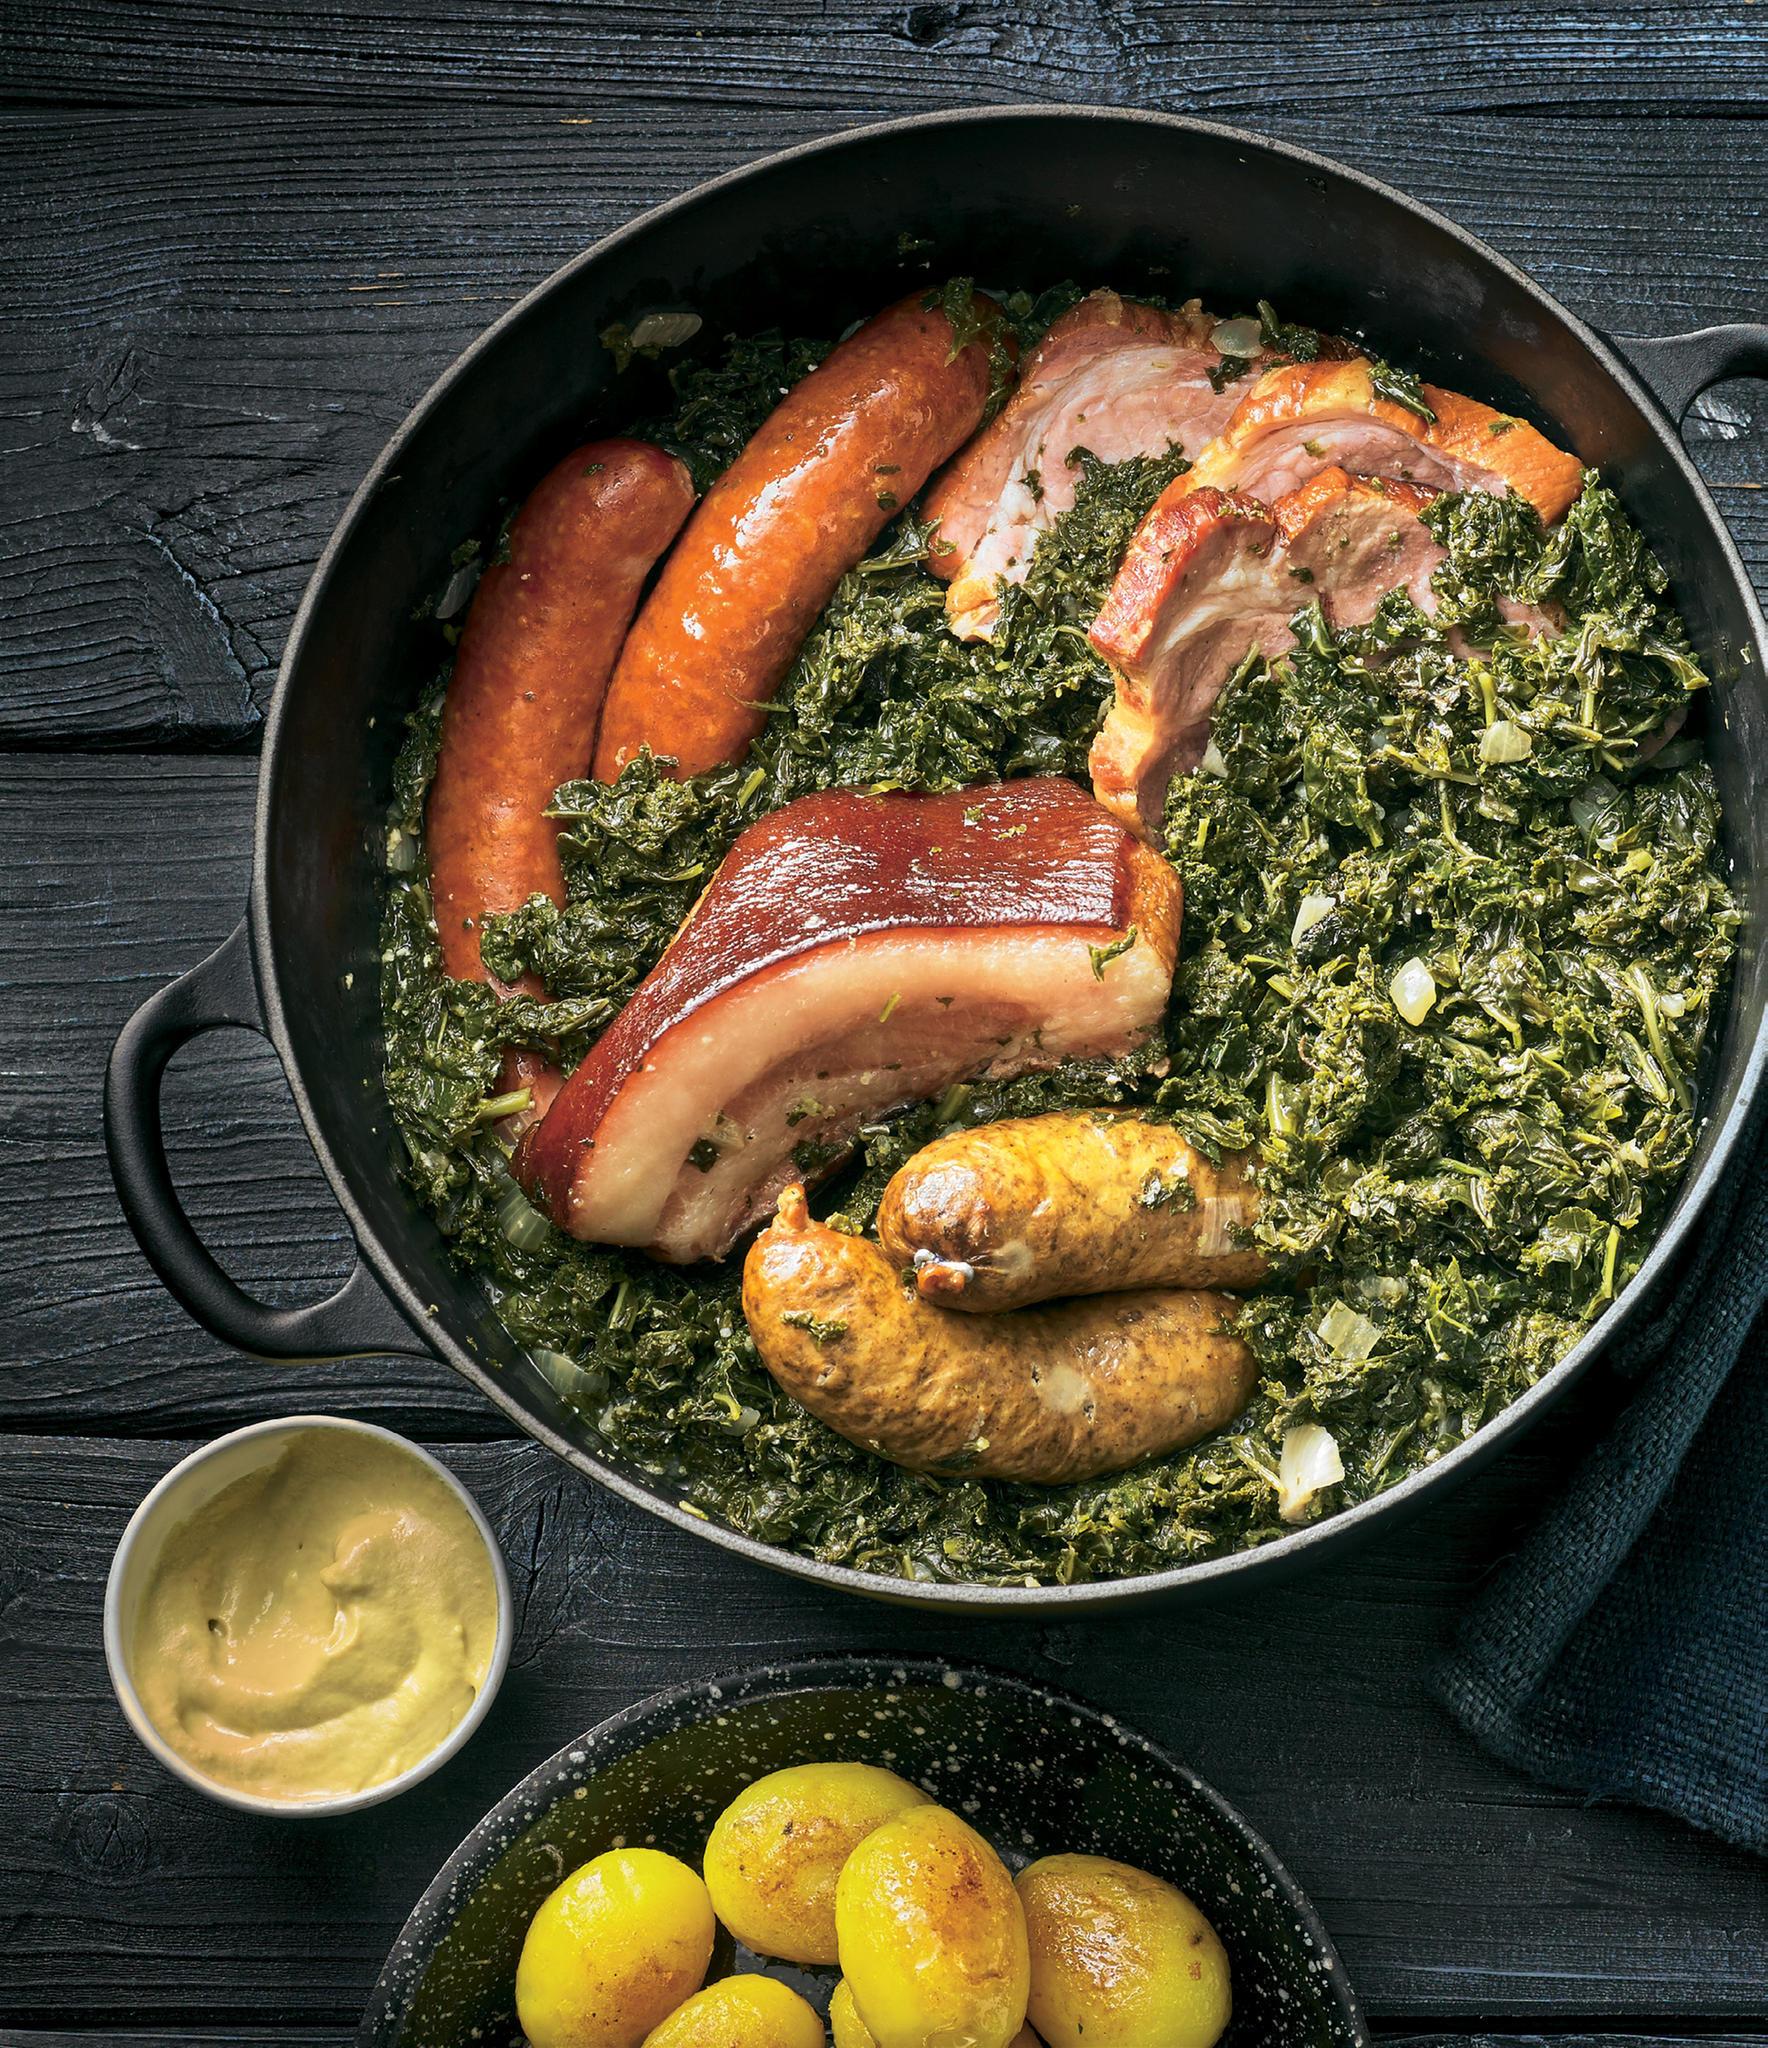 Grünkohl mit Kasslernacken, Schweinebacke und Würstchen